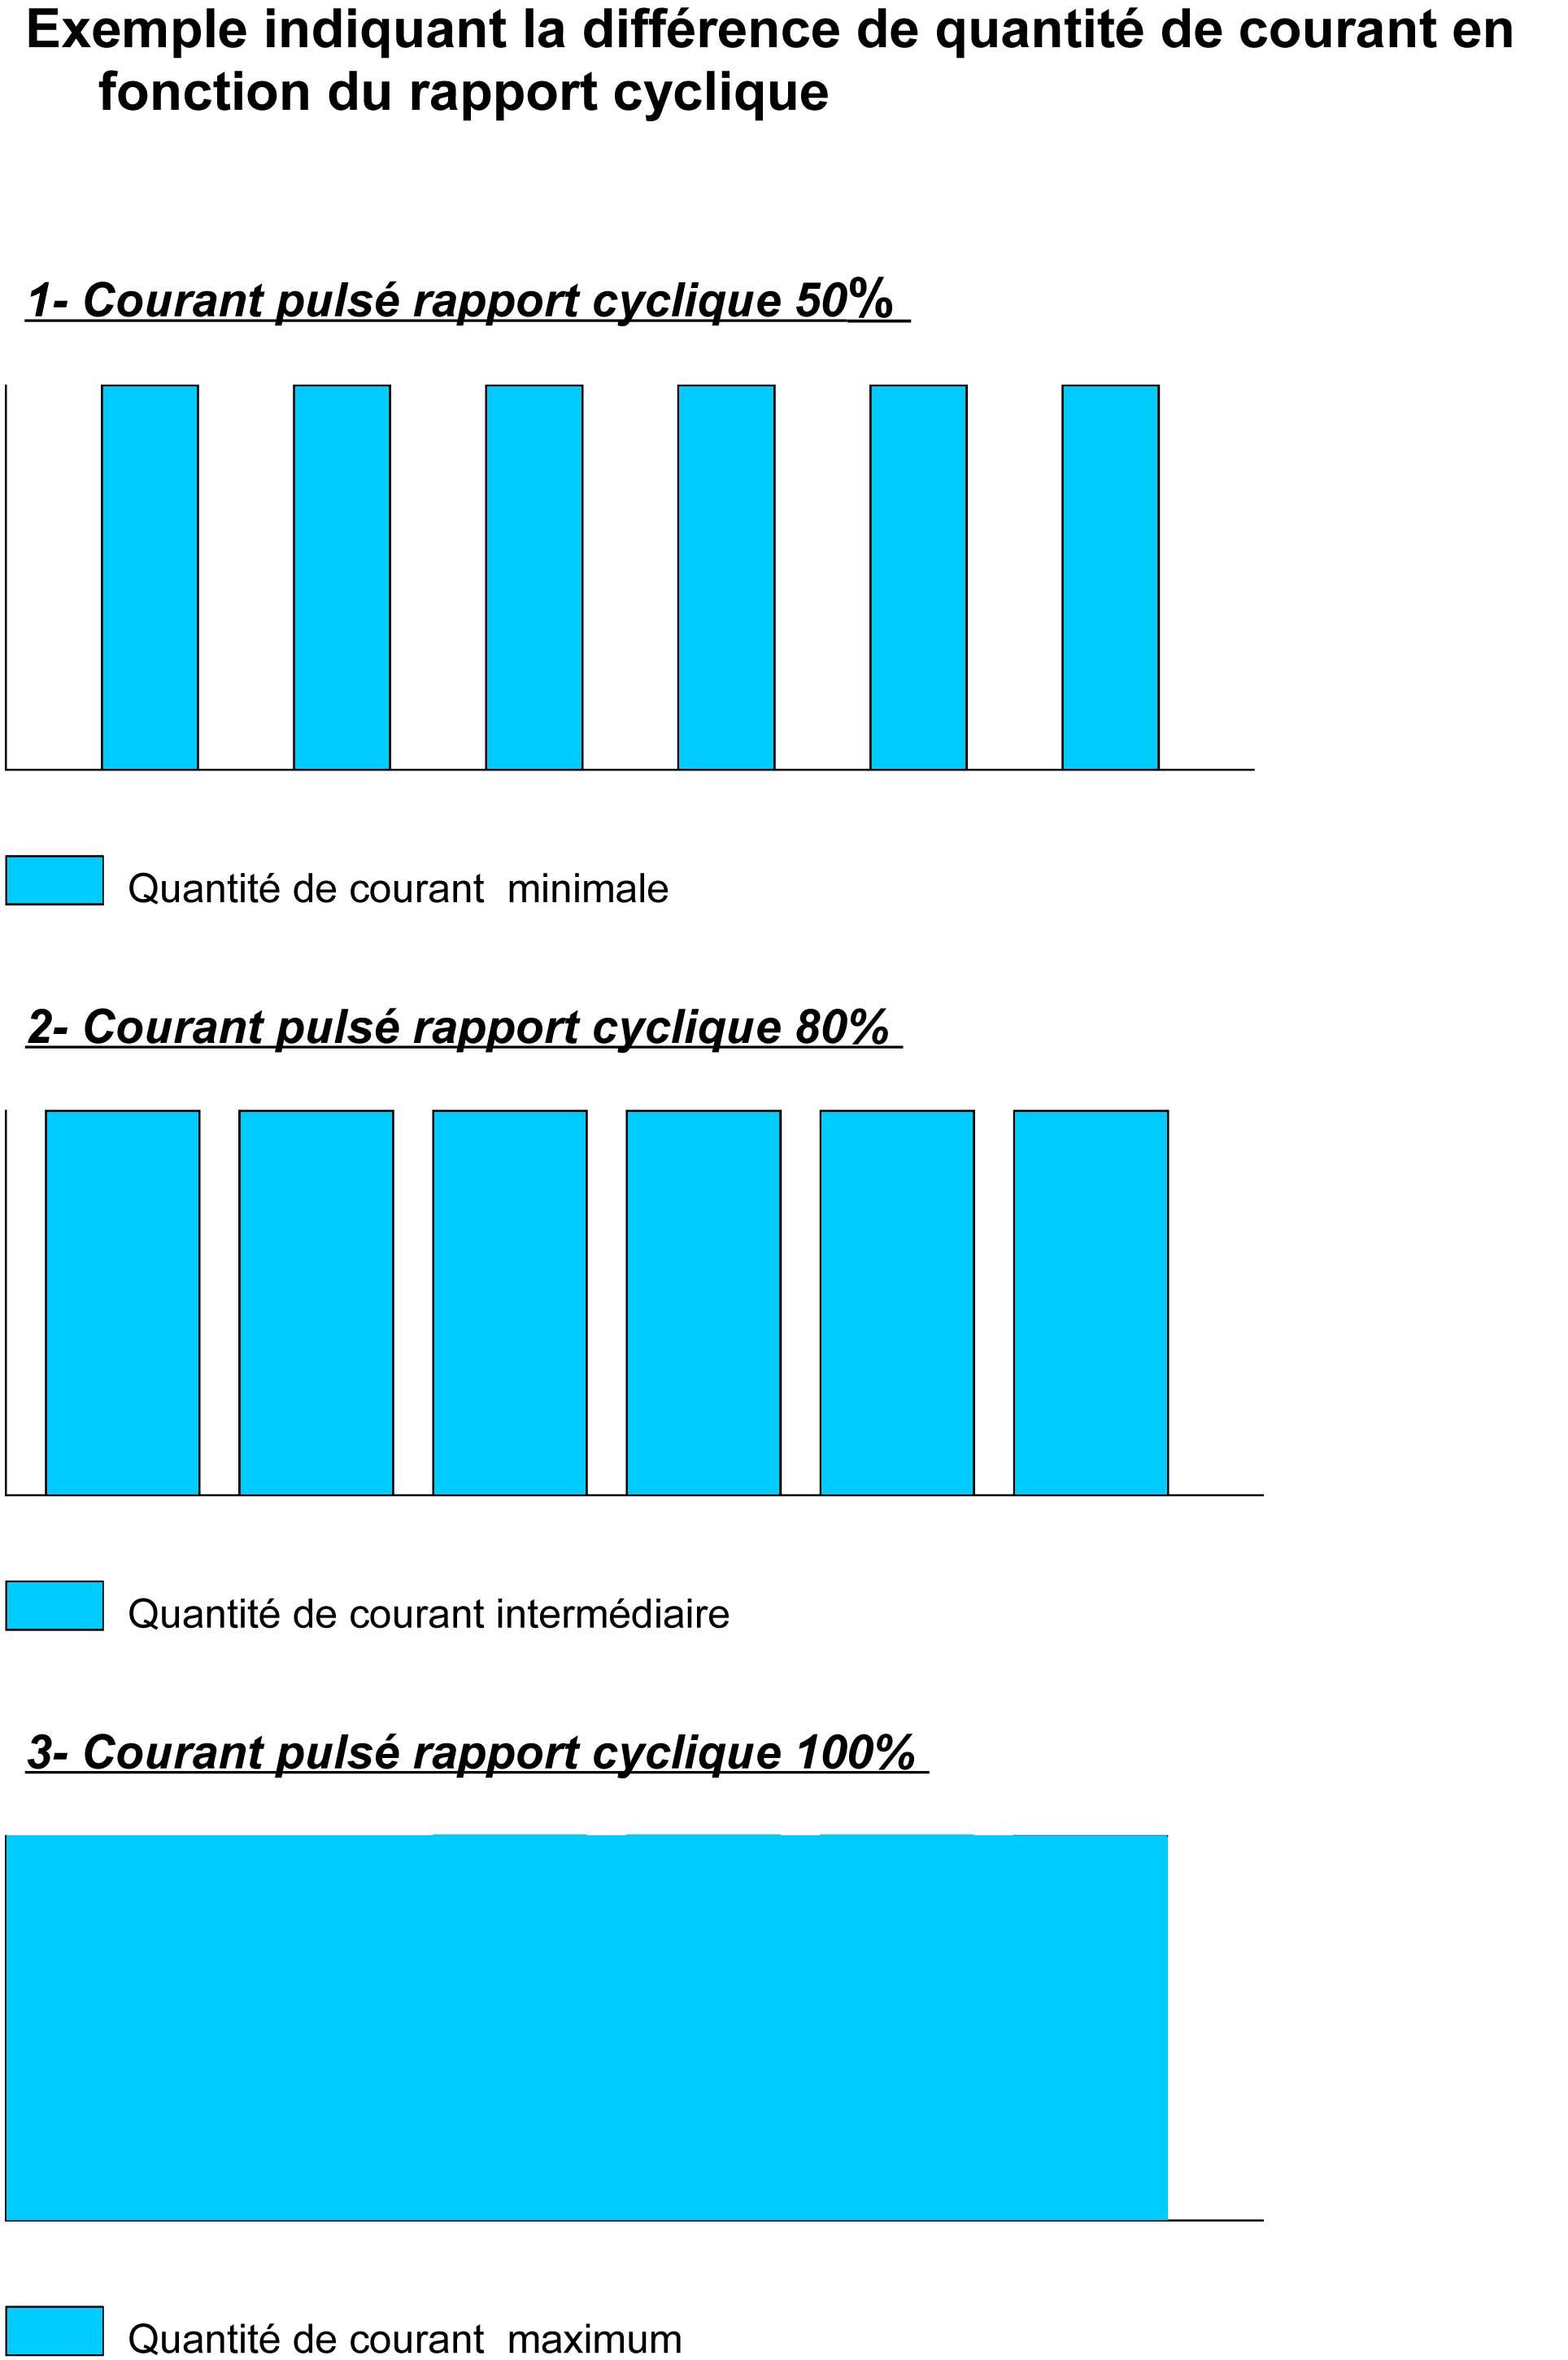 Exemple indiquant la différence de quantité de courant en fonction du rapport cyclique